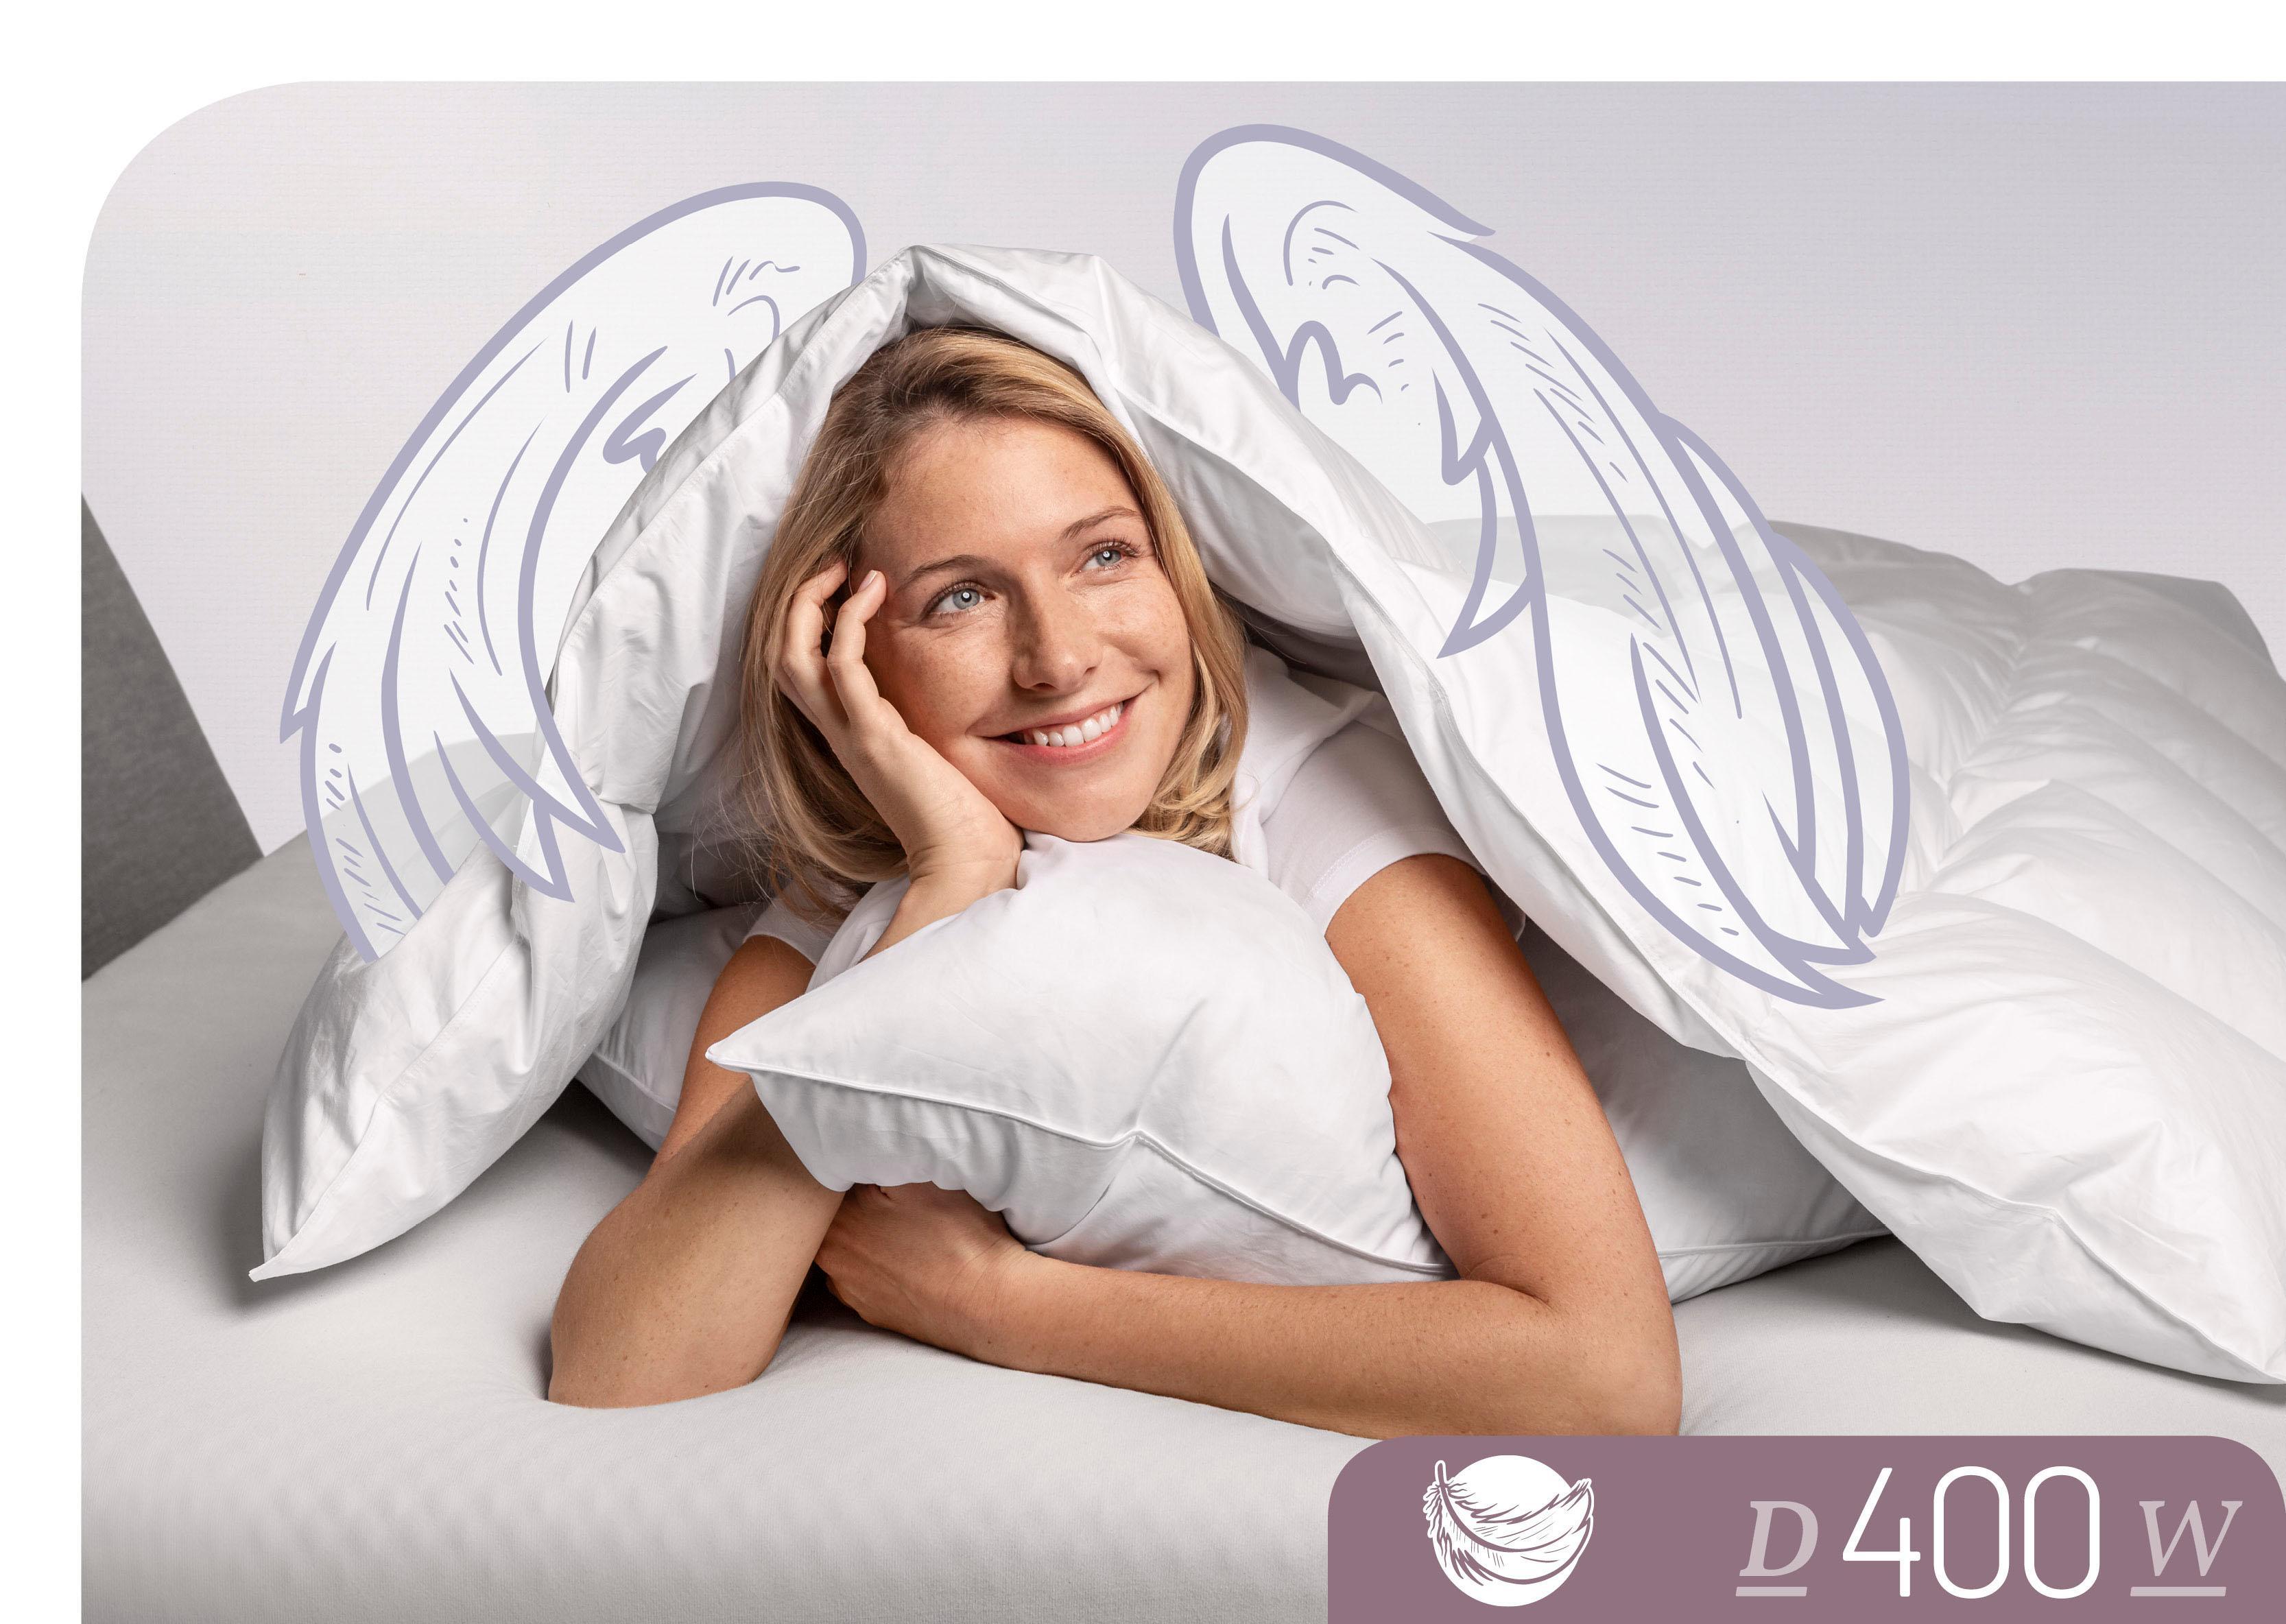 Daunenbettdecke D400 Schlafstil warm Füllung: 90% Daunen 10% Federn Bezug: 100% Baumwolle